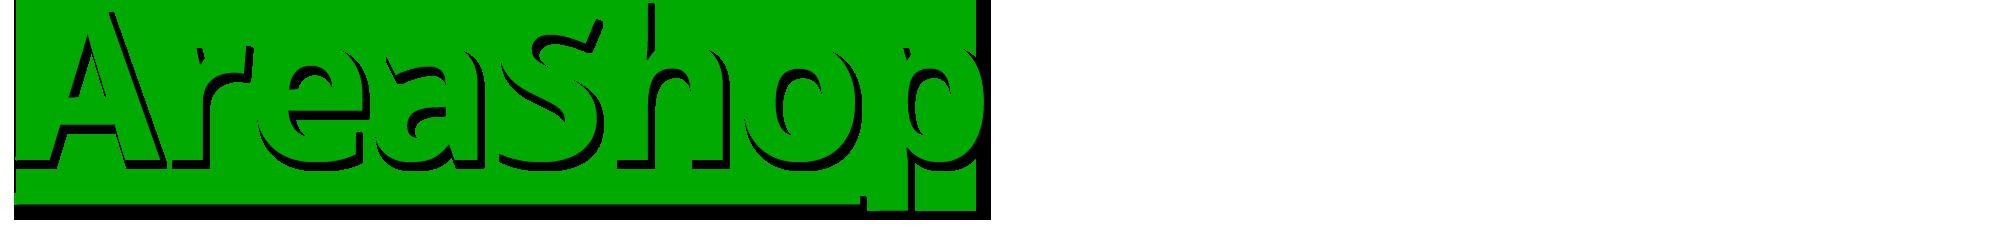 AreaShop logo